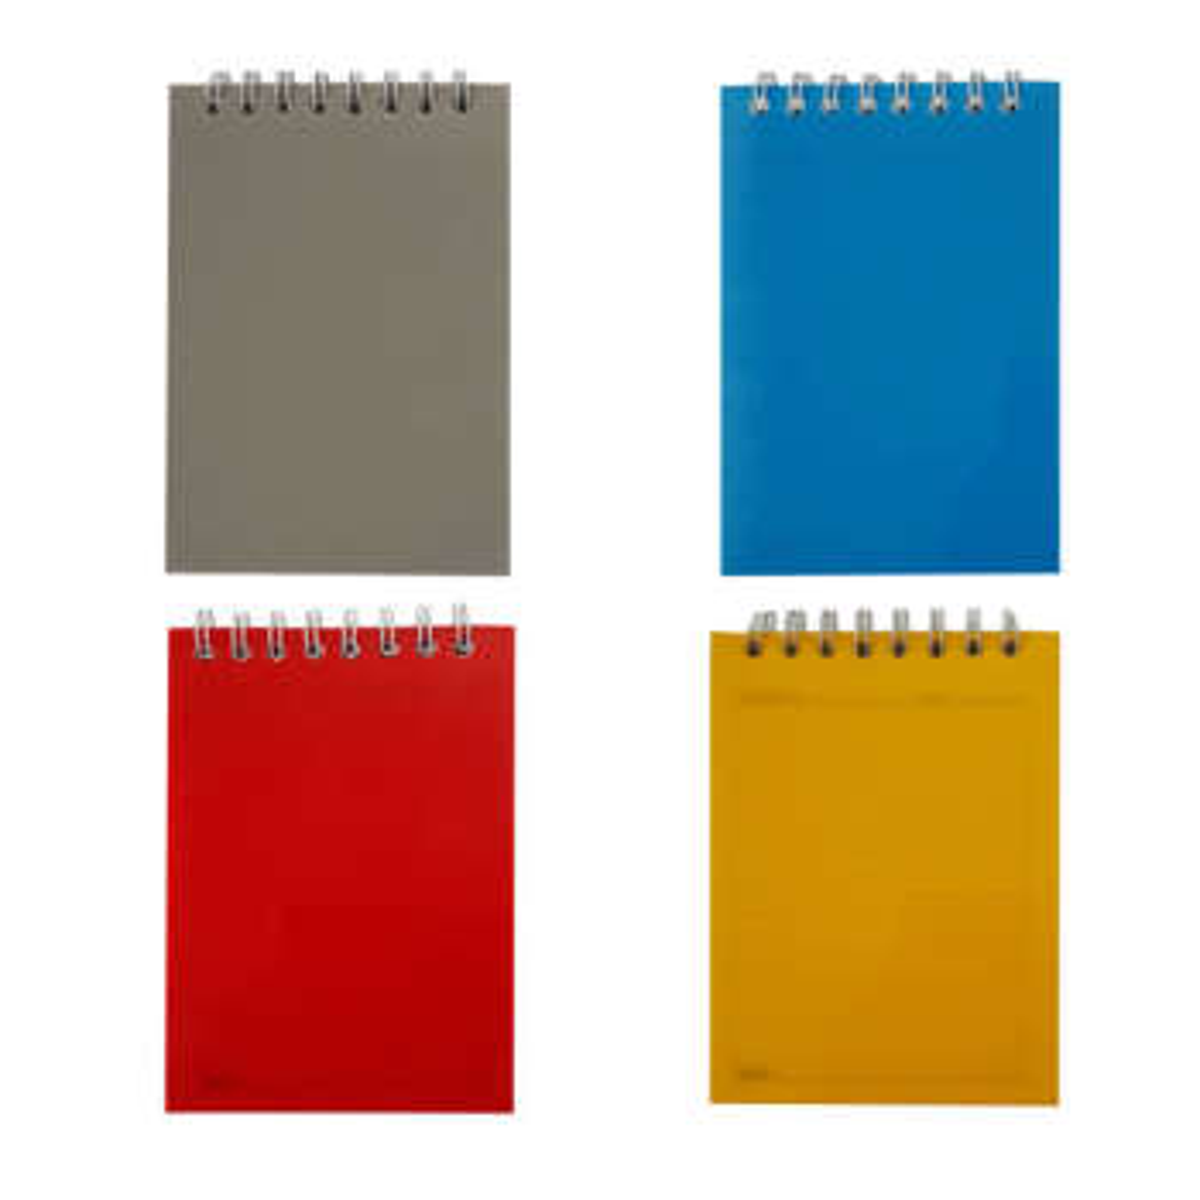 دفترچه یادداشت 60 برگ کد N400 بسته 4 عددی